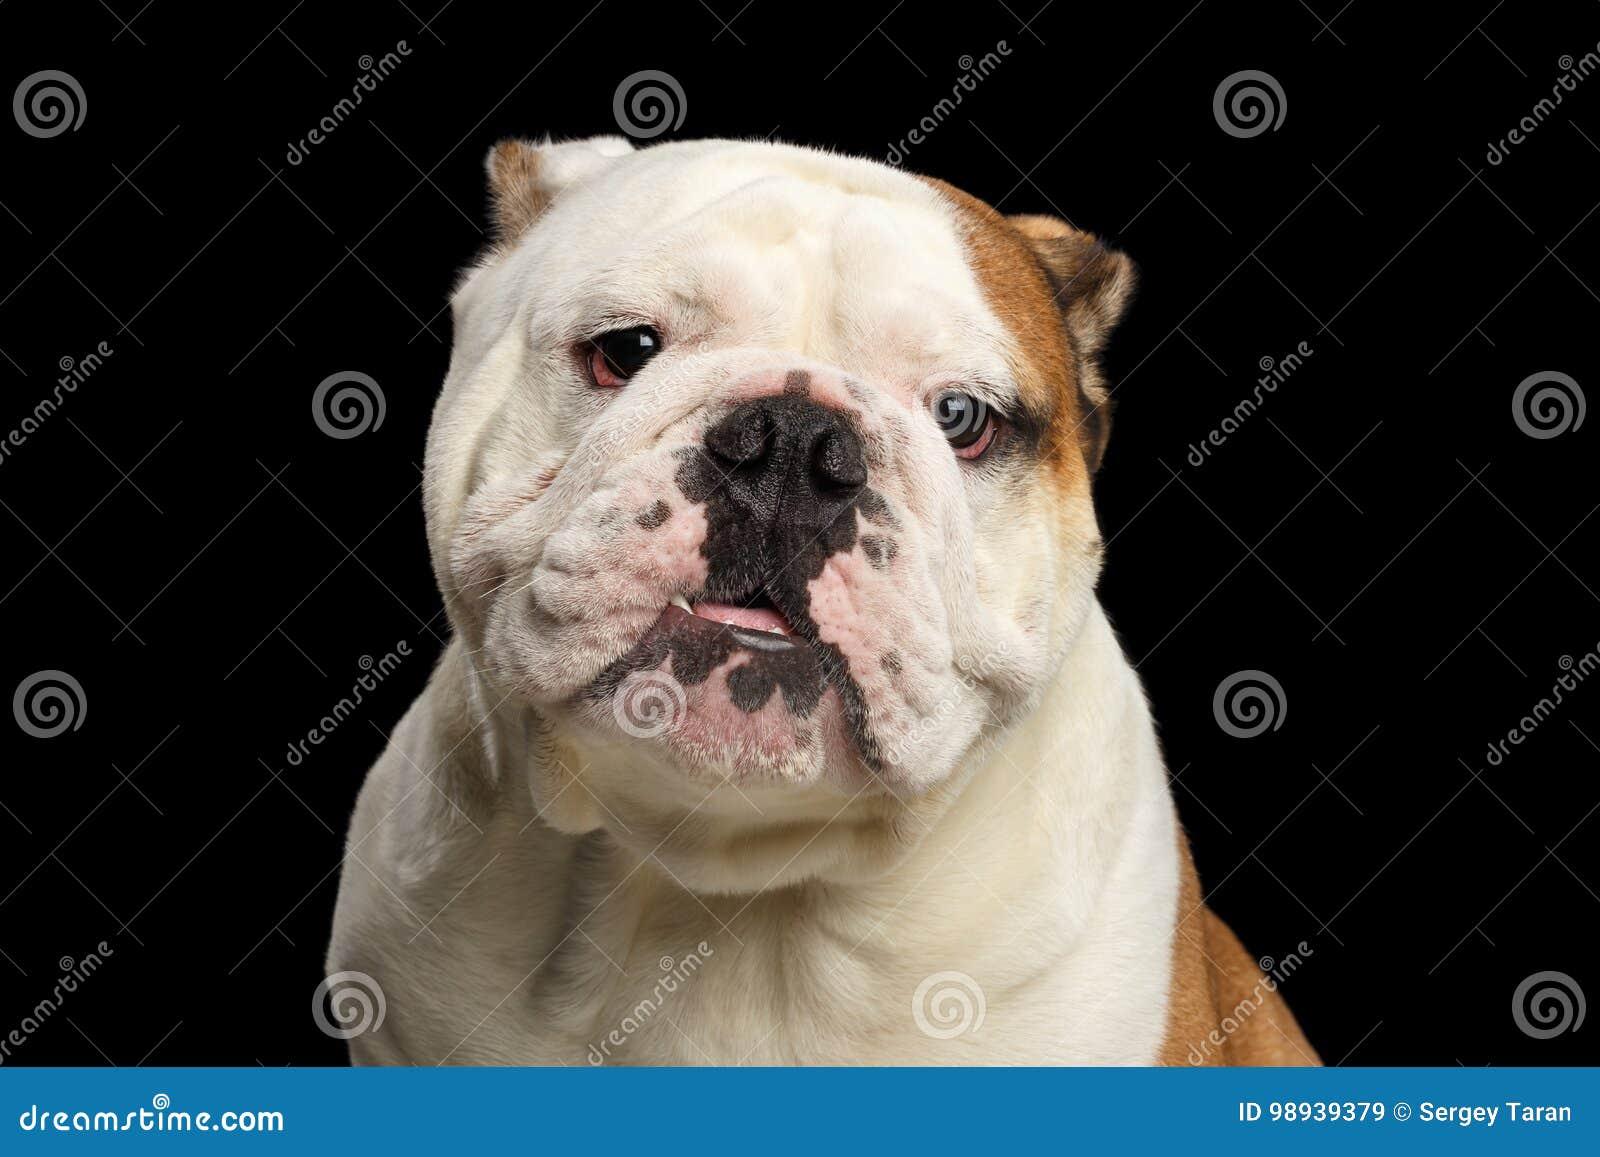 Portrait of British Bulldog on isolated black background